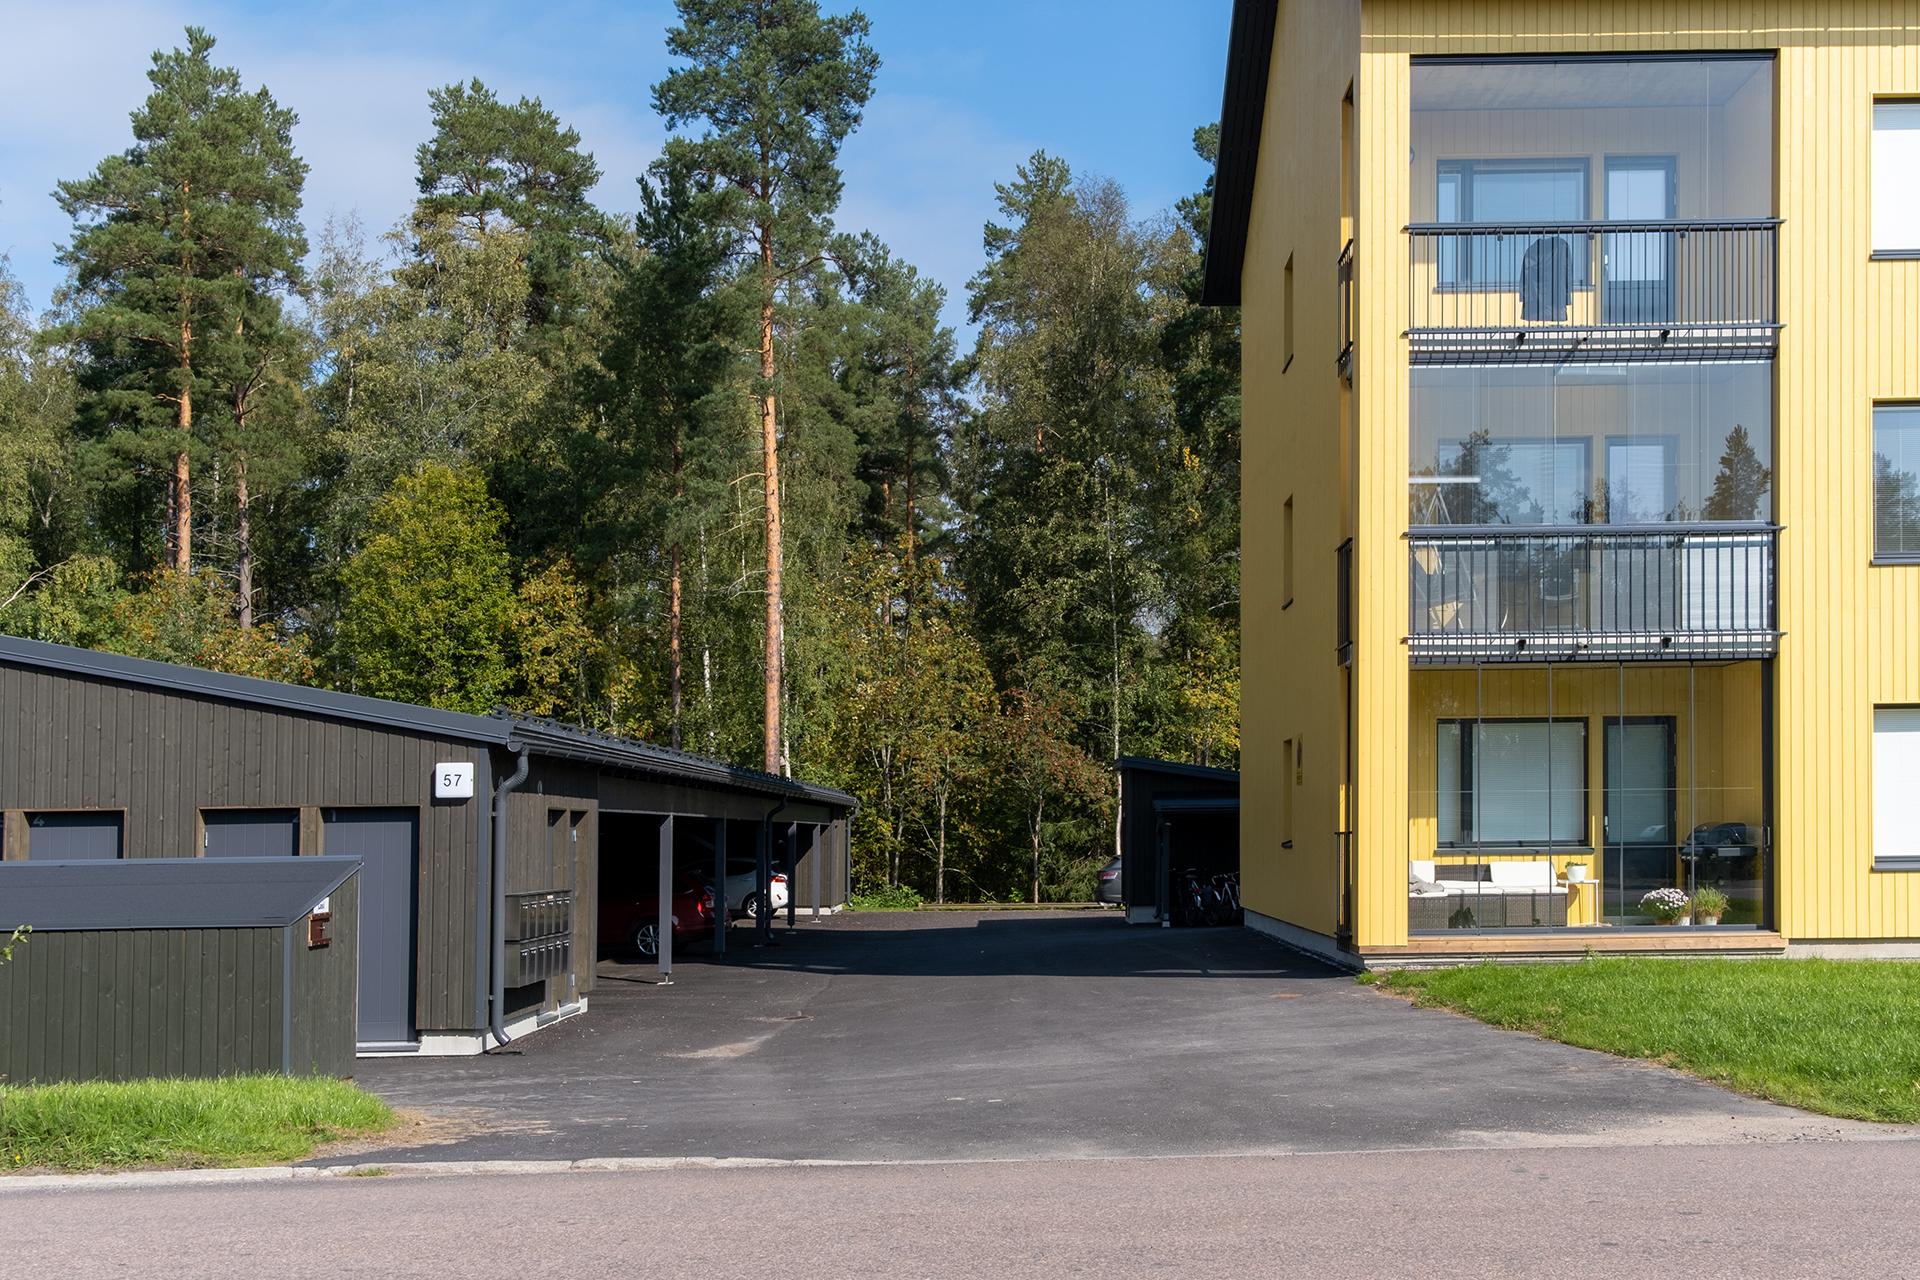 As Oy Jyväskylän Kaarnan autokatokset